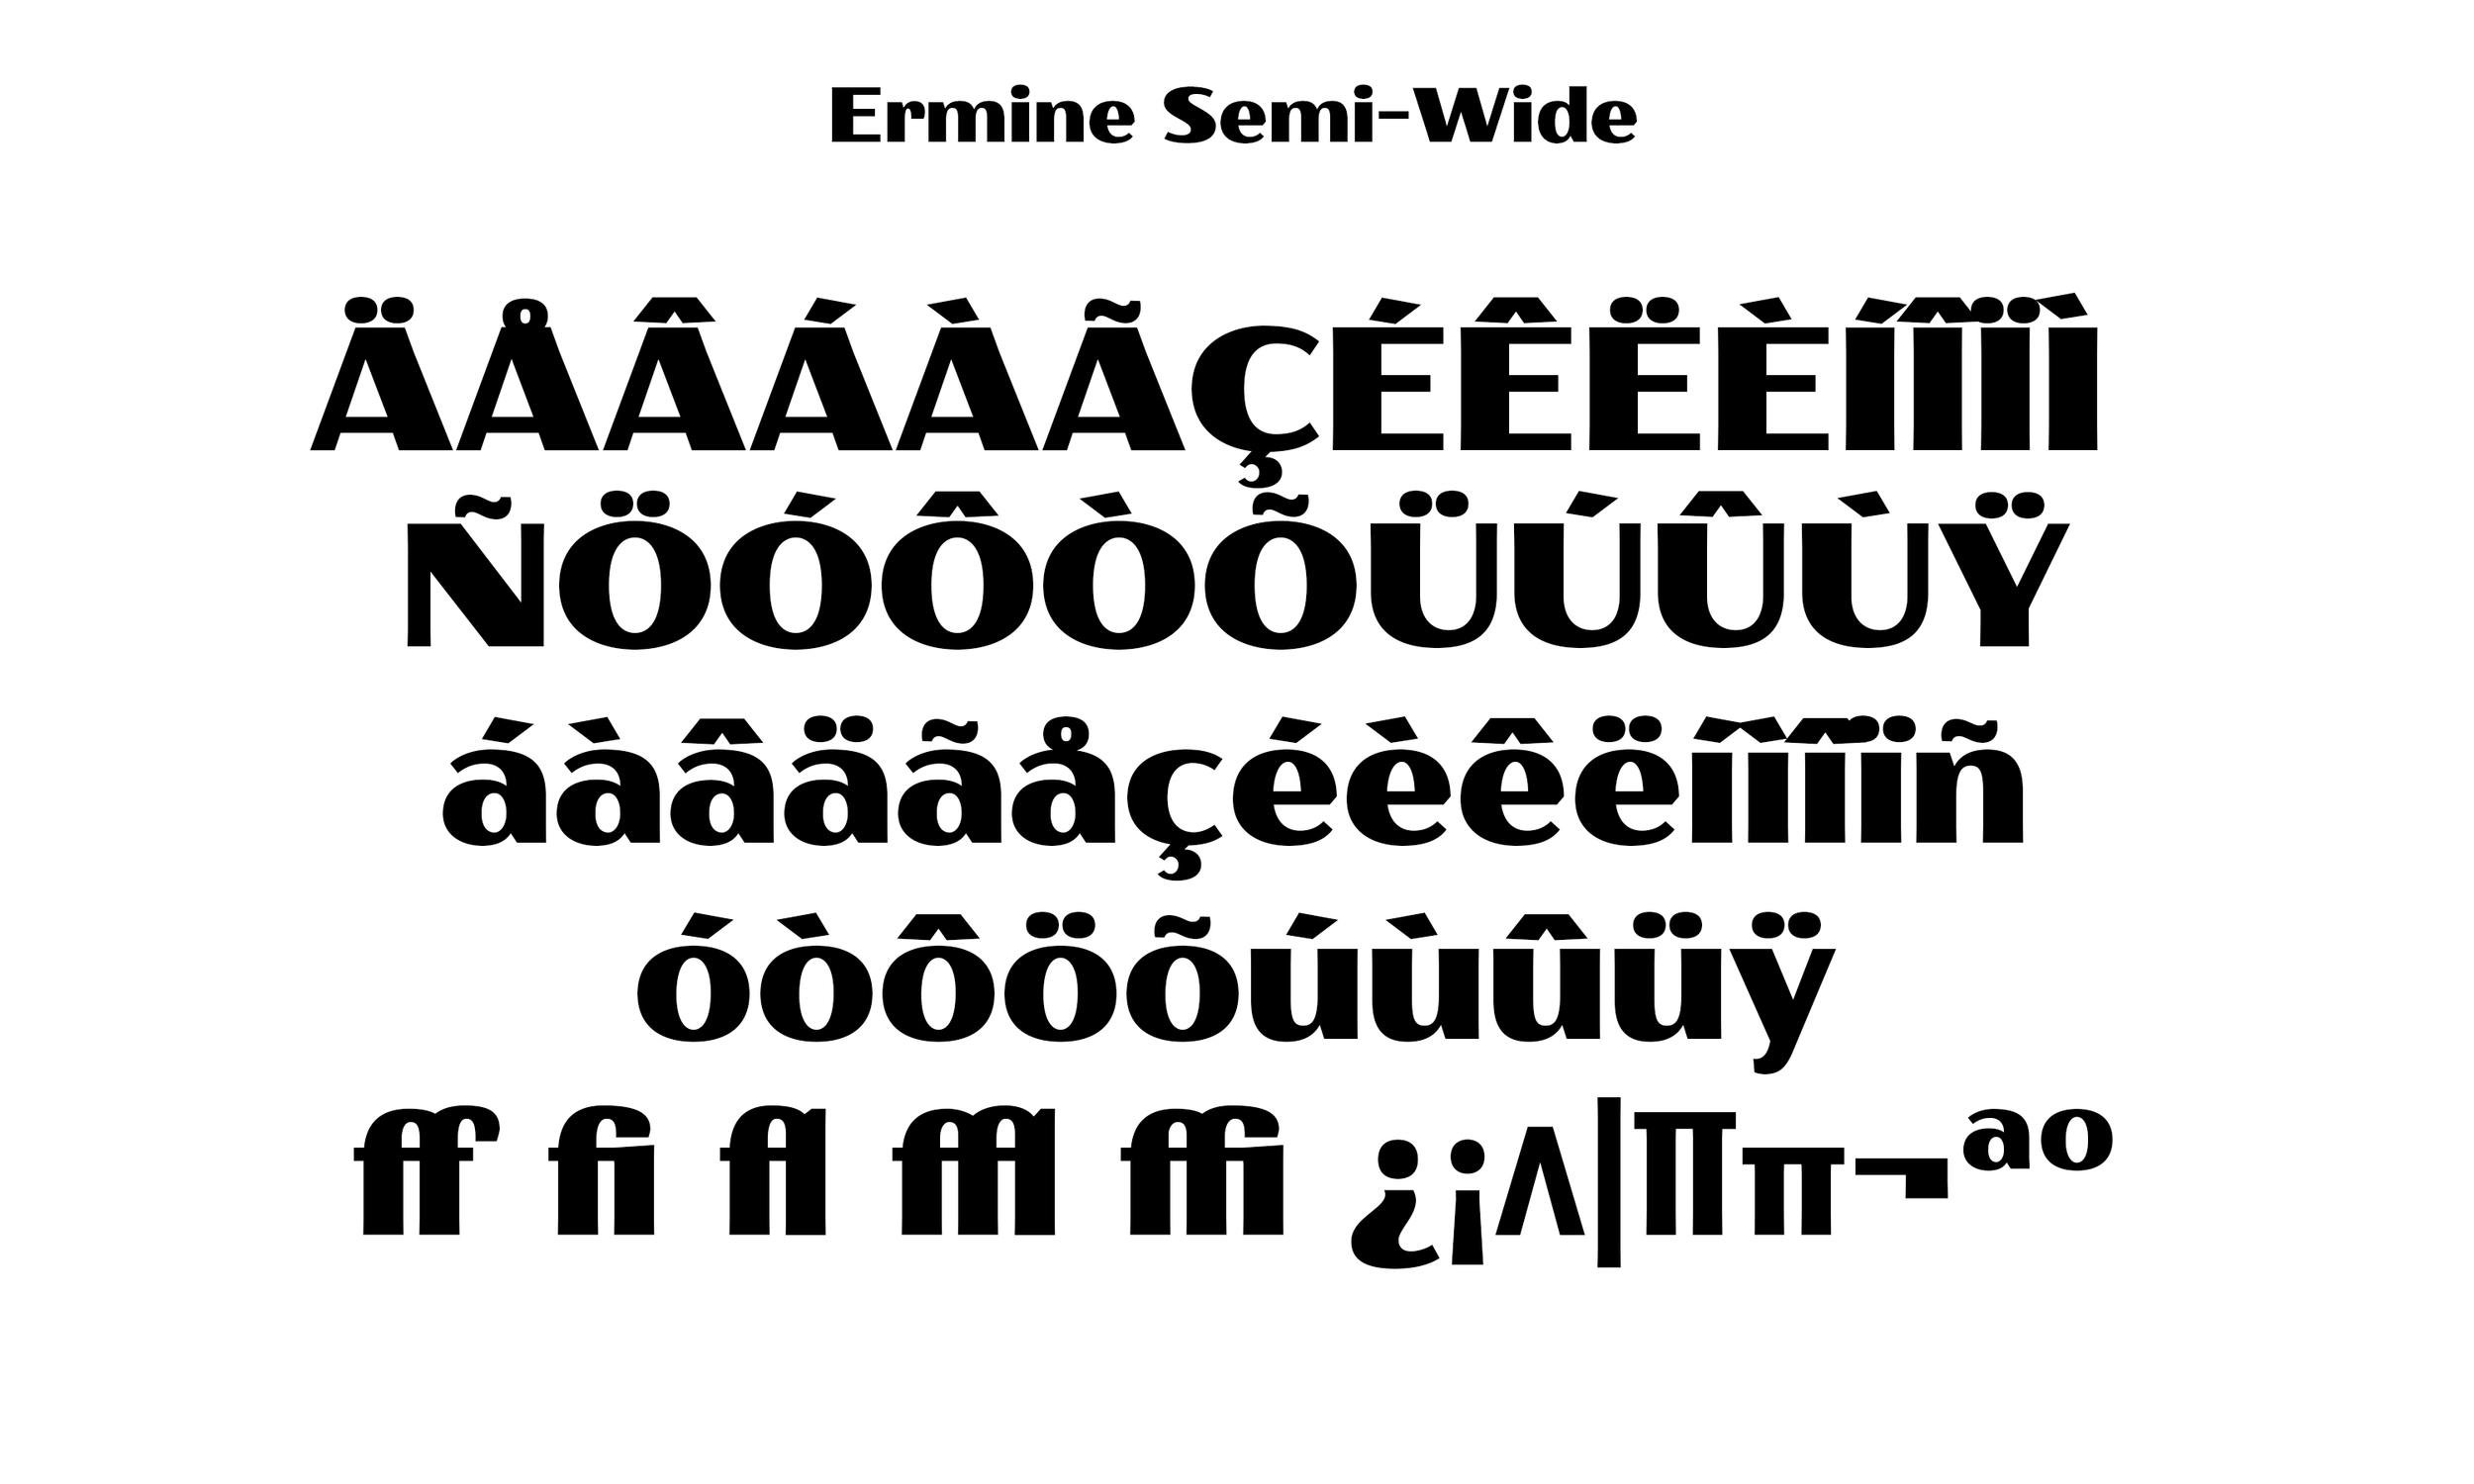 Badson_ErmineSemiWide_Slides6.jpg